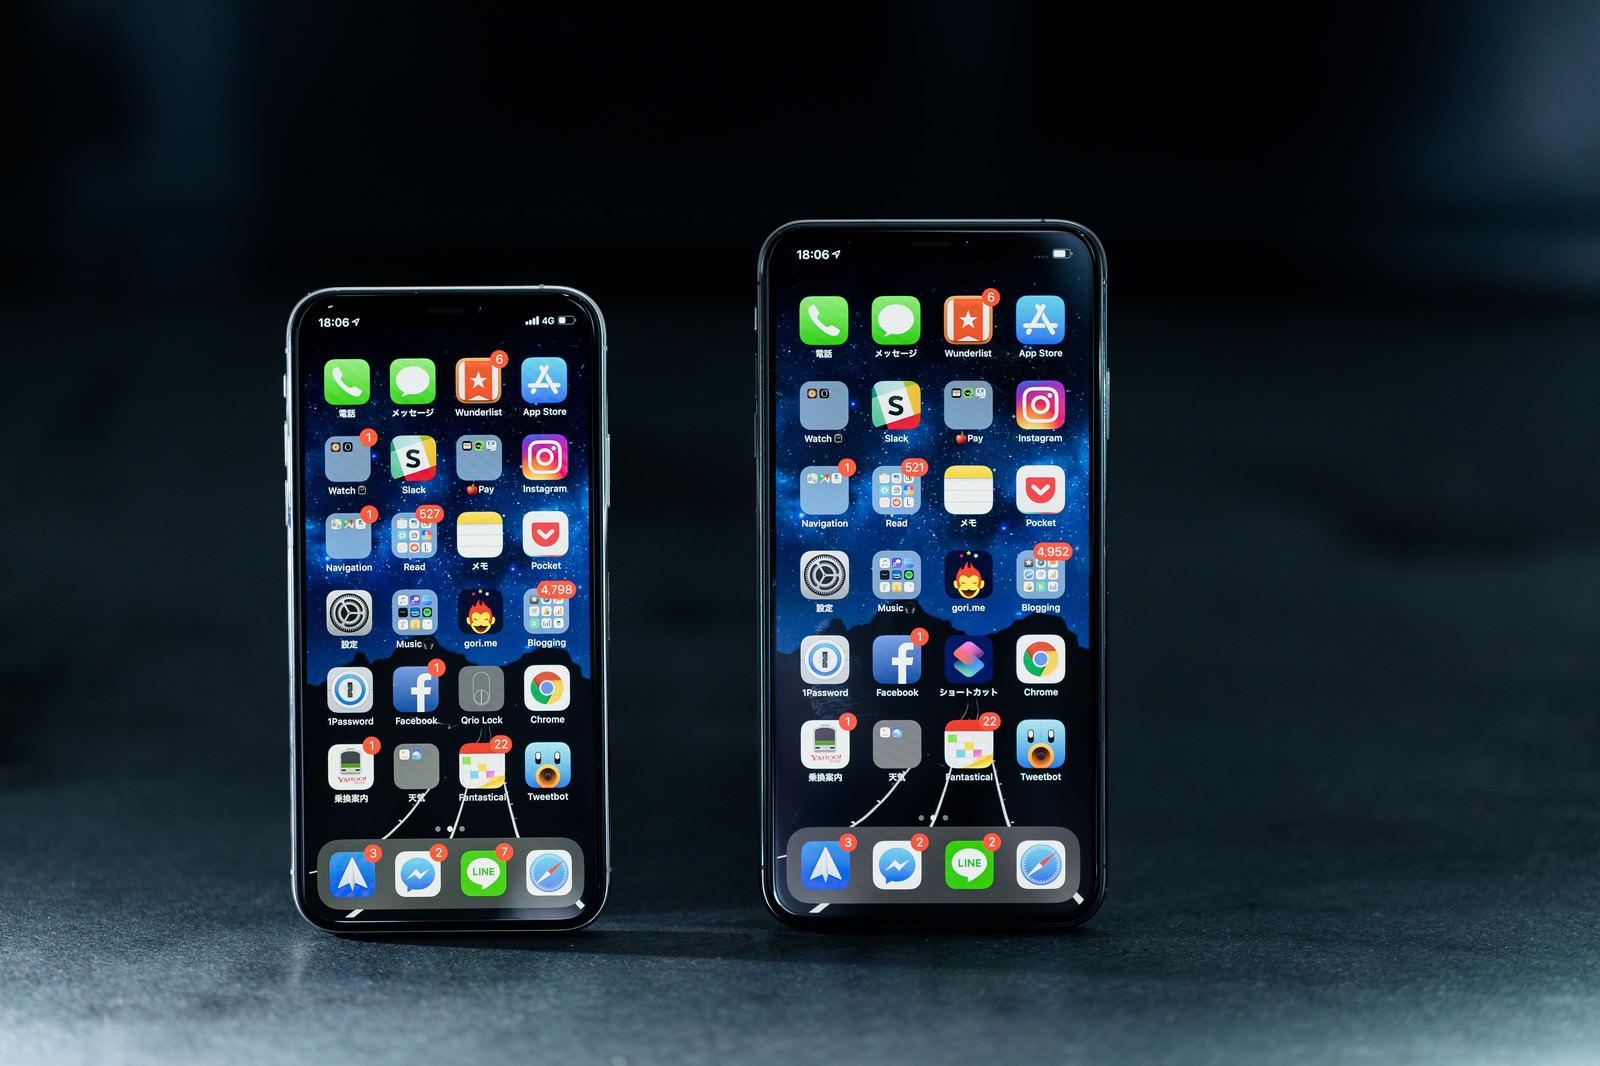 ãiPhone XS / MaxiPhone XS / Maxãã®ããªã¼åçç´æãæ¡å¤§